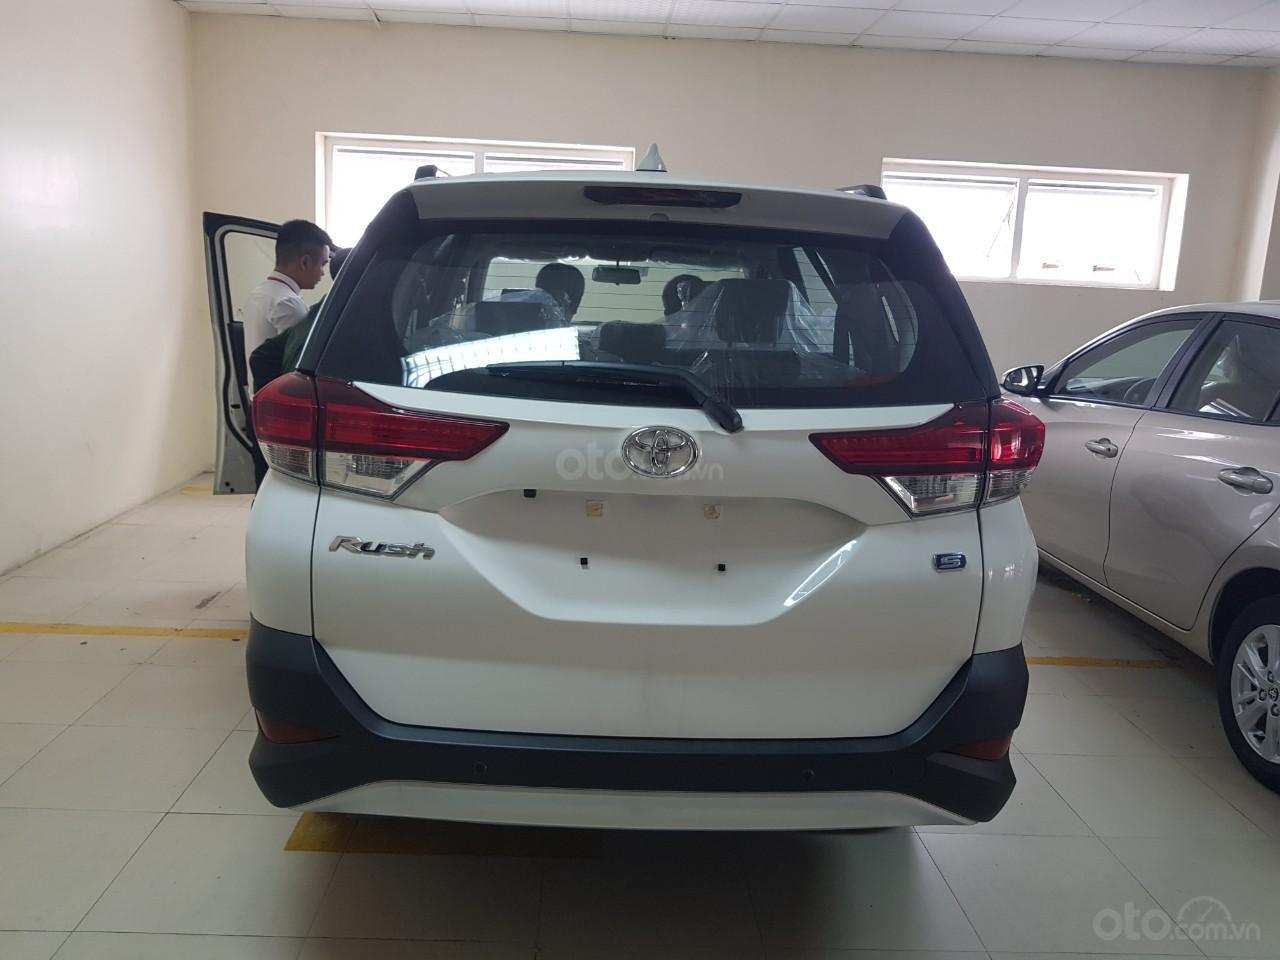 Toyota Vinh - Nghệ An: Bán xe Rush giá rẻ nhất Vinh Nghệ An, trả góp 80% lãi suất thấp (6)